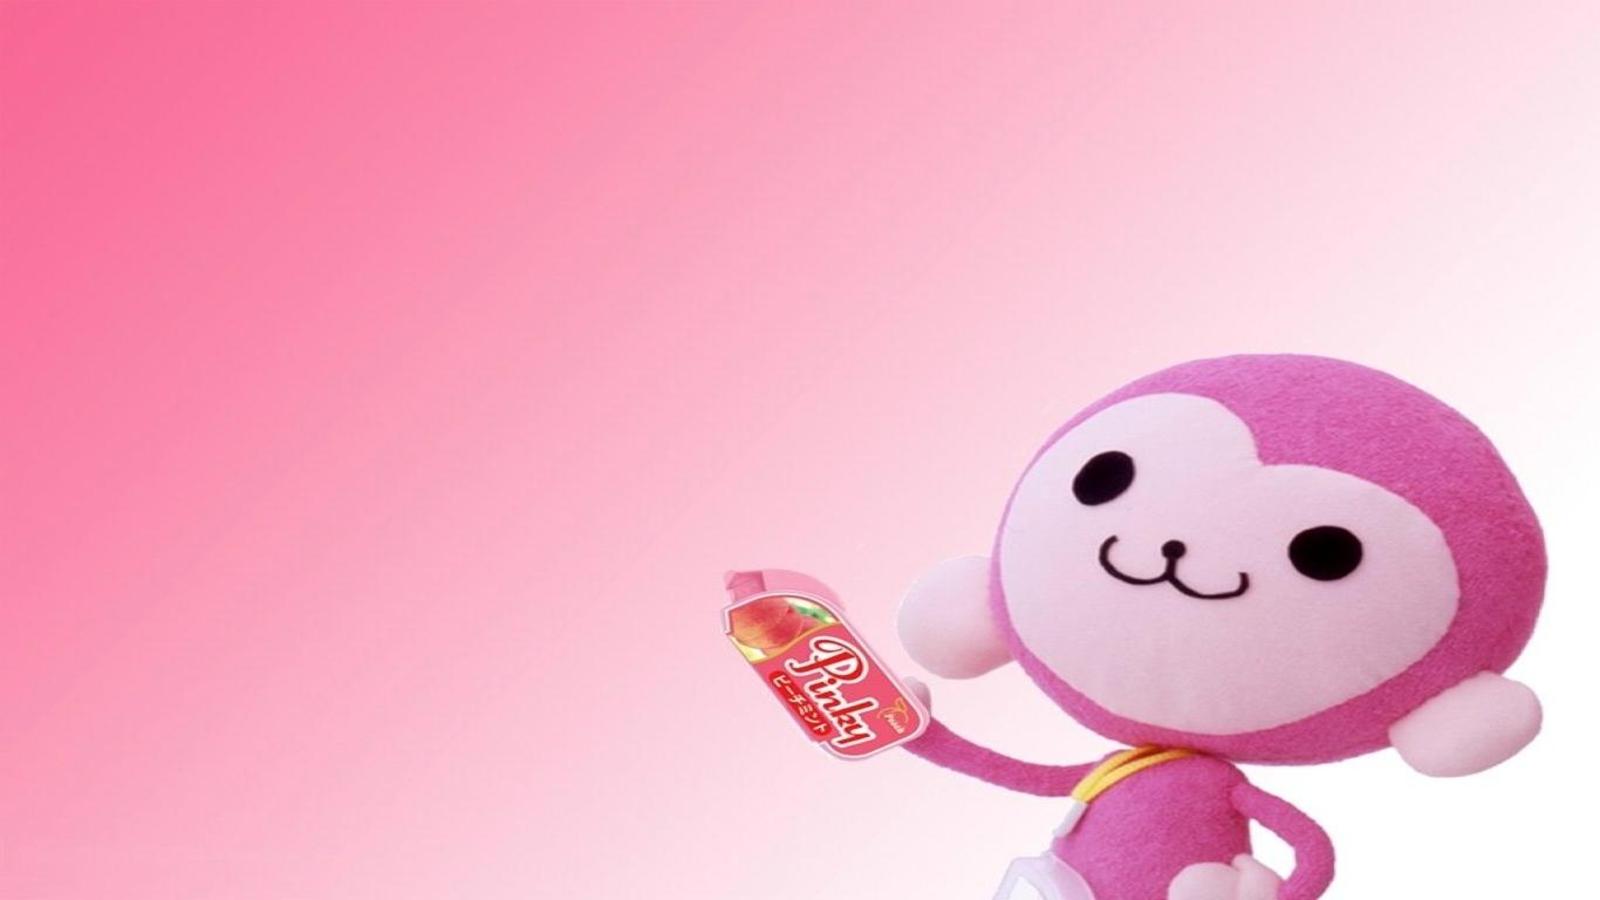 Cute Pink Desktop Backgrounds wallpaper wallpaper hd background 1600x900